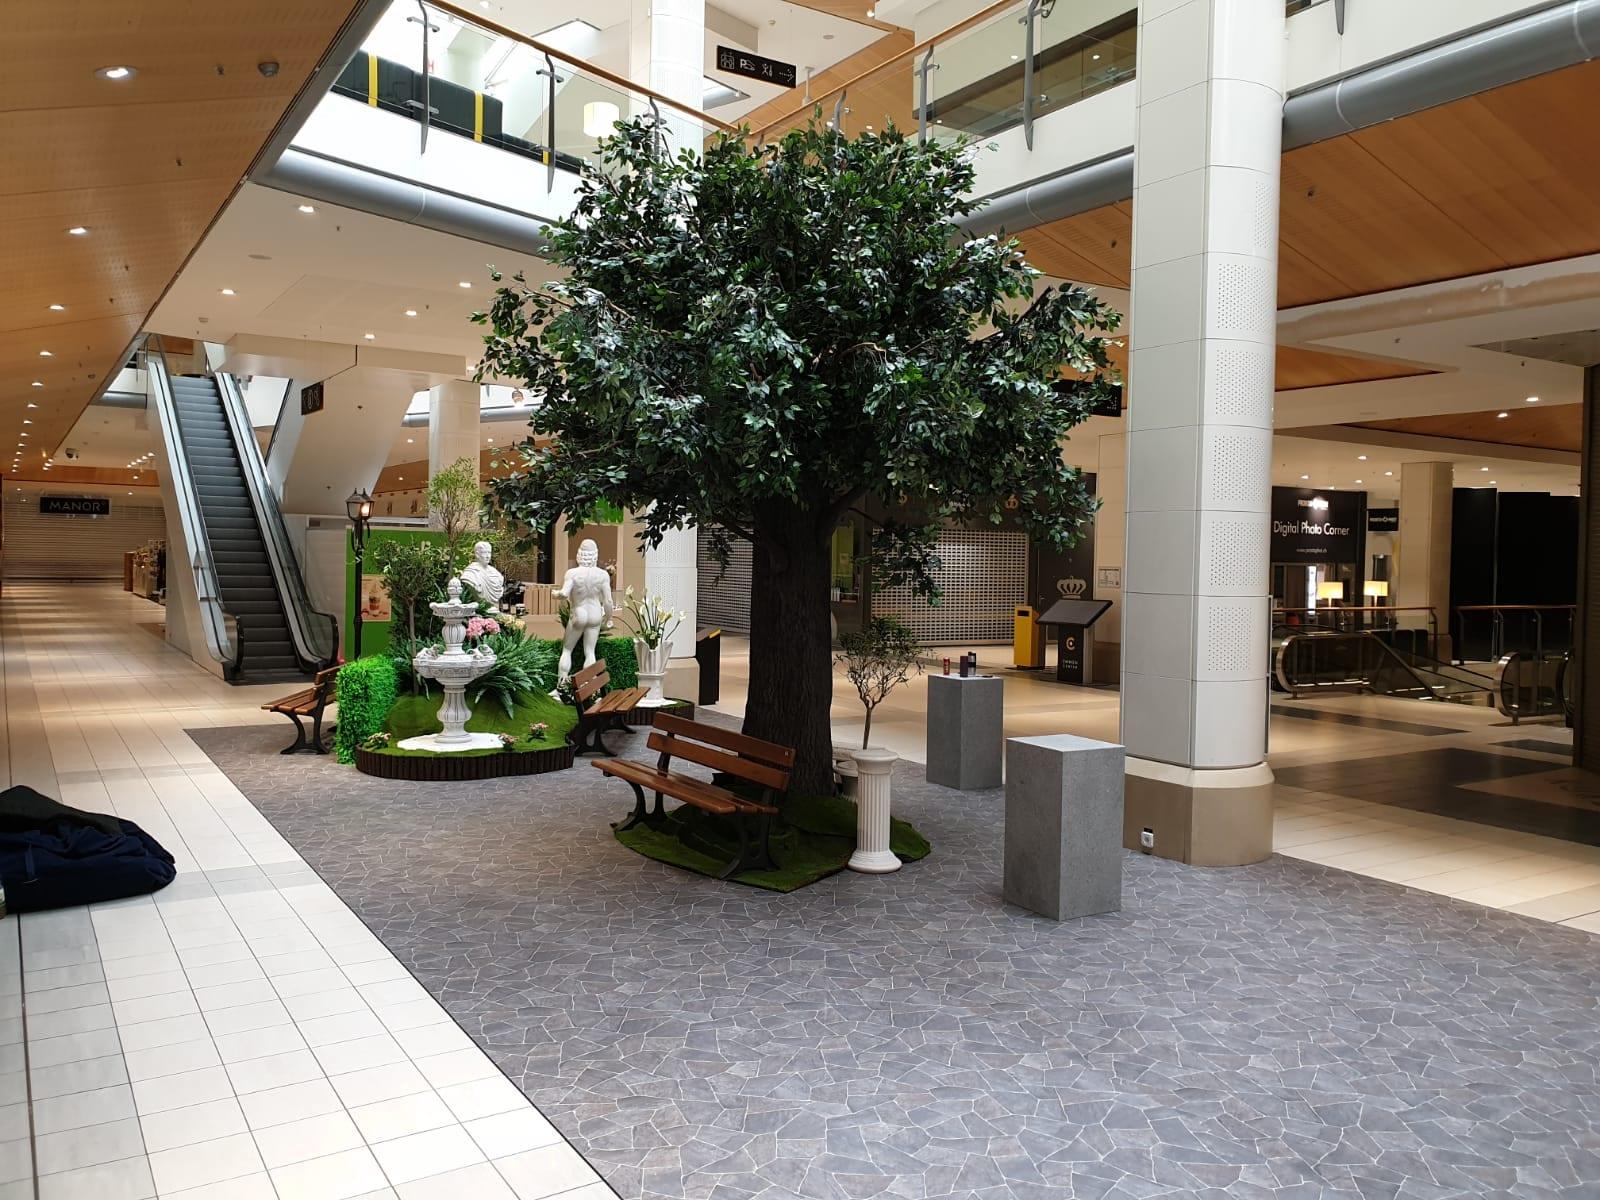 deko bäume mieten rent-a-lounge 6